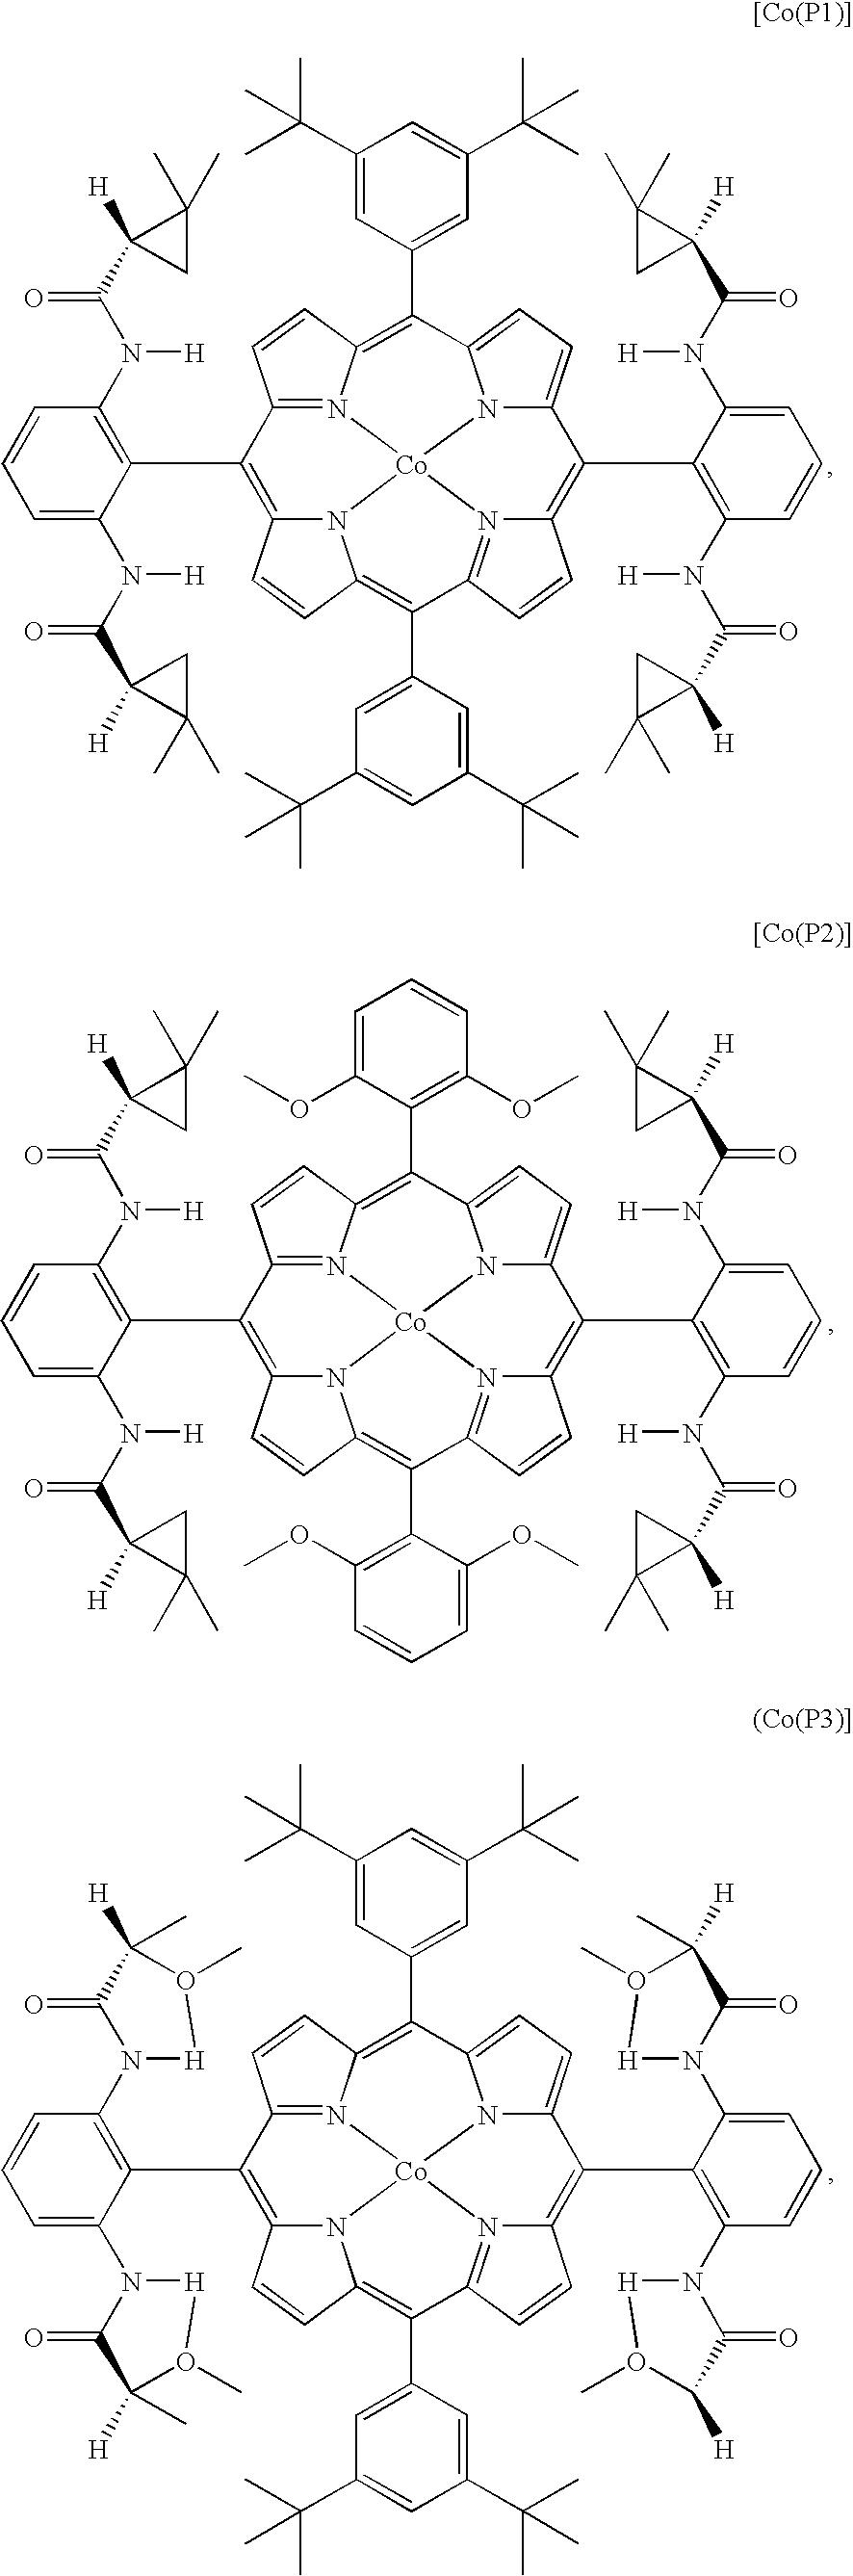 Figure US20100081838A1-20100401-C00117